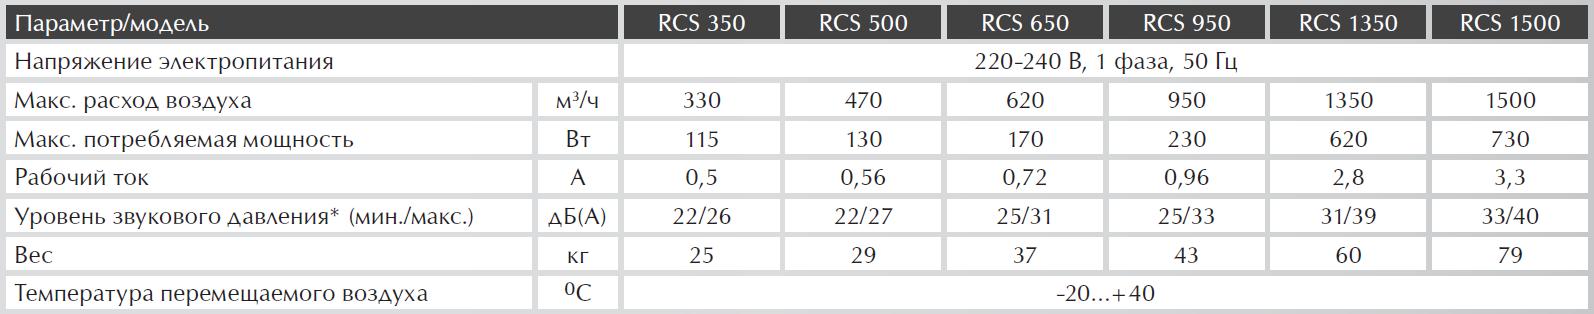 Технические характеристики на приточно-вытяжные установки Royal Clima RCS